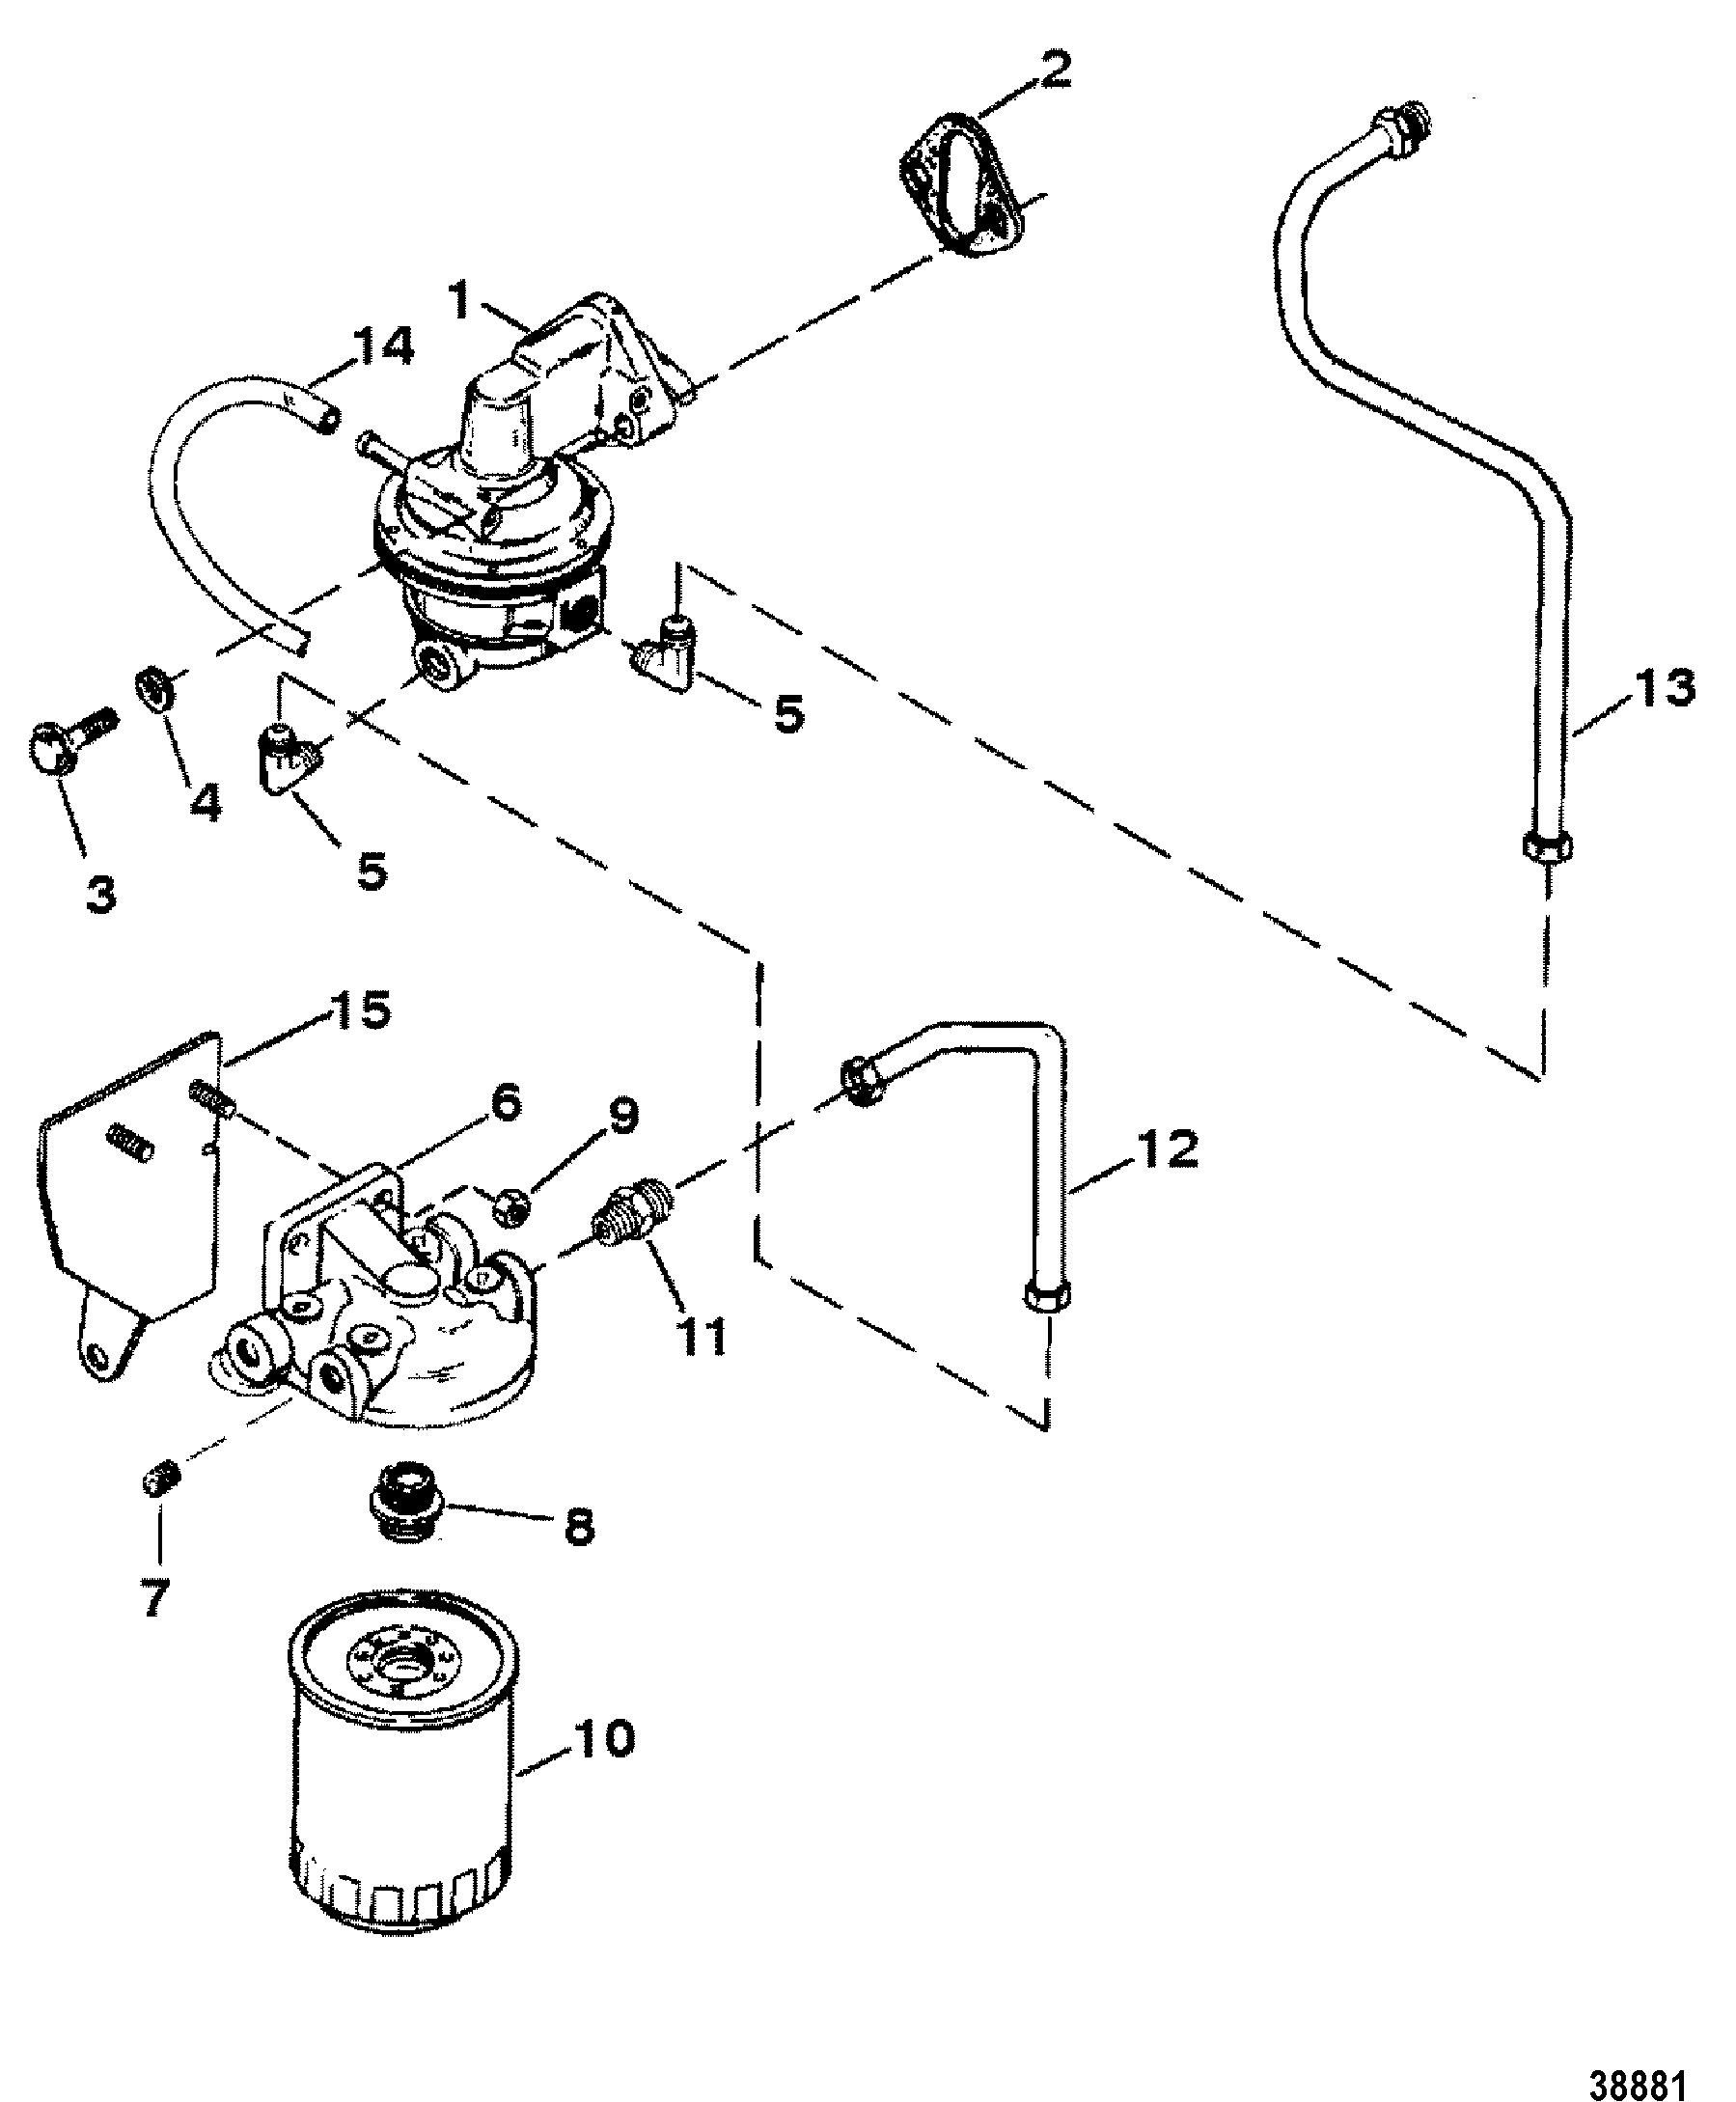 hight resolution of 7 4l bravo gen 5 gm 454 v 8 1992 1996 serial 0d0603118 thru 0f800699 fuel pump and fuel filter